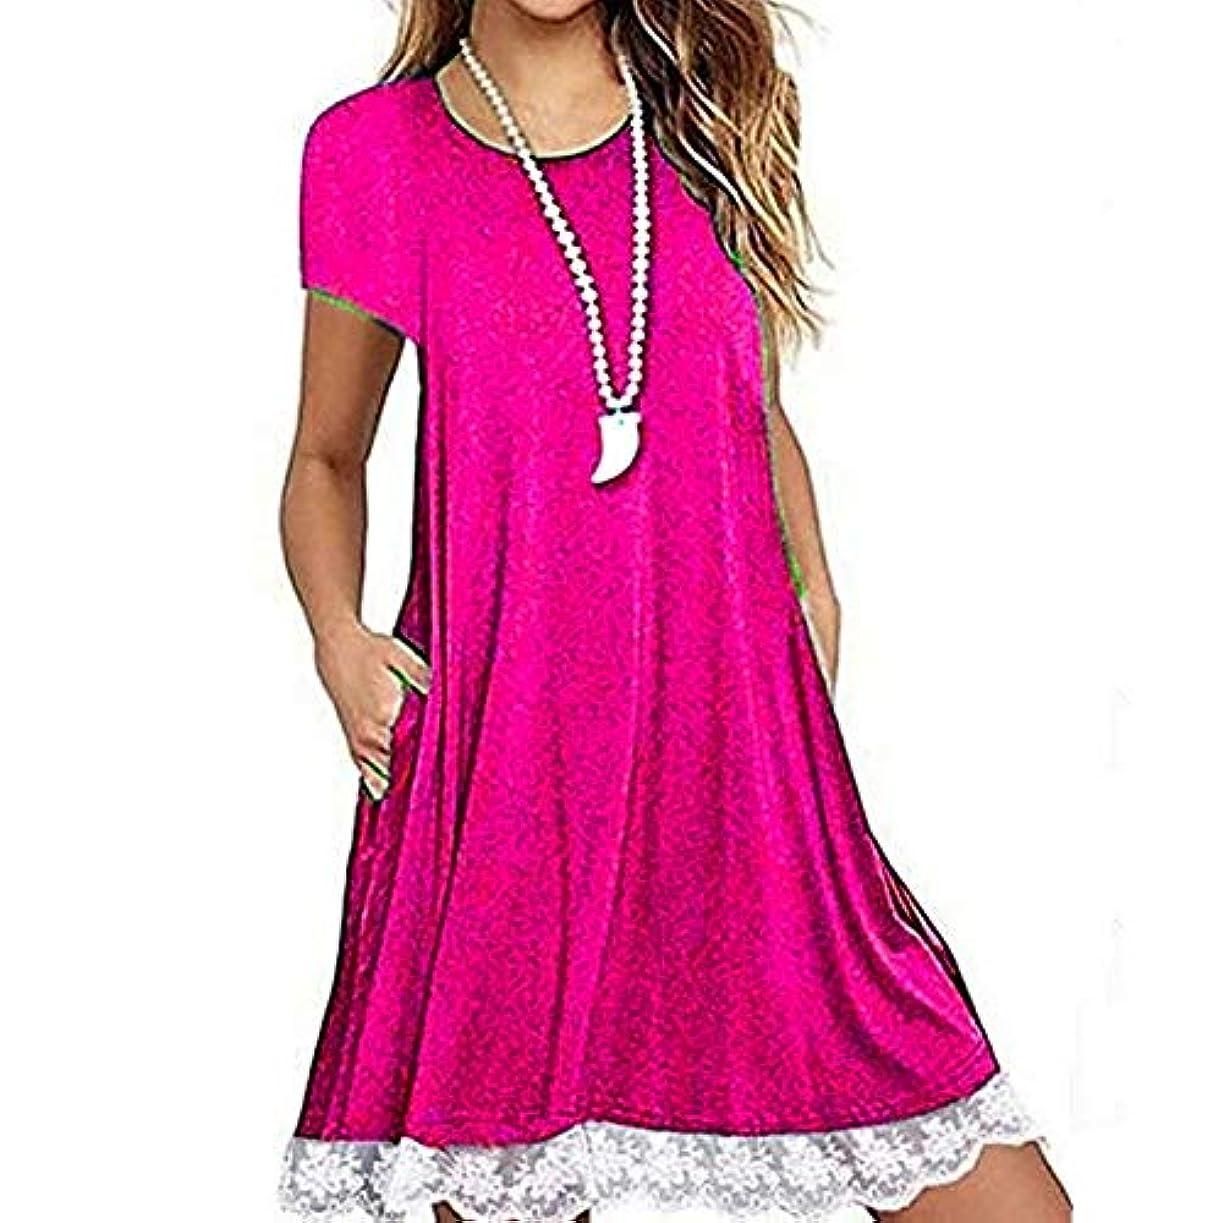 採用するマーカーブルゴーニュMIFAN の女性のドレスカジュアルな不規則なドレスルースサマービーチTシャツドレス